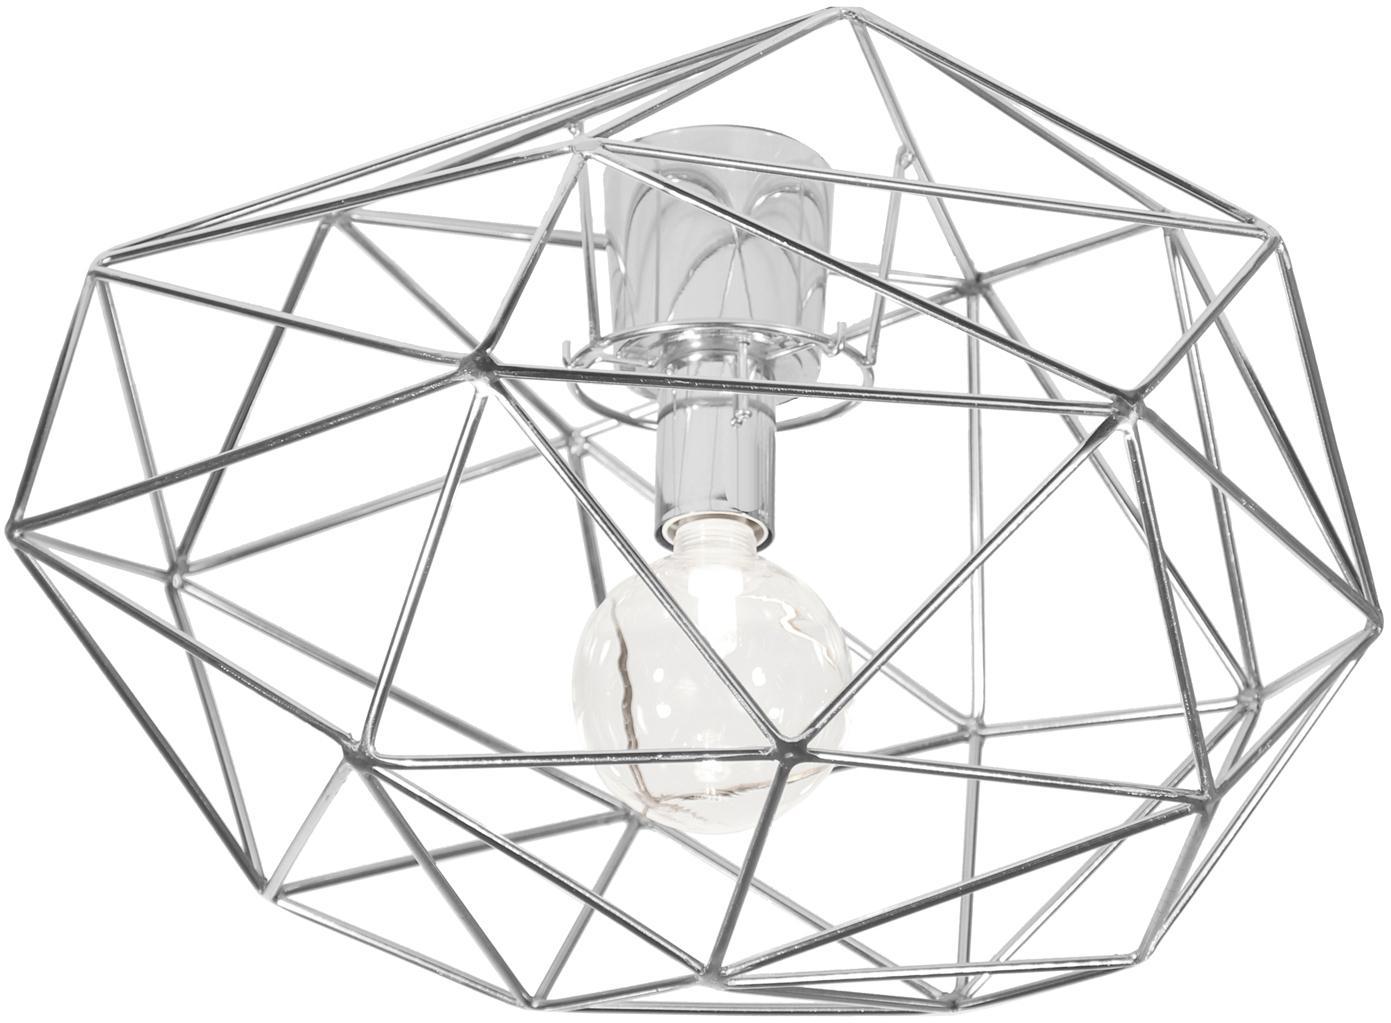 Lampa sufitowa Diamond, Chrom, Ø 50 x W 32 cm